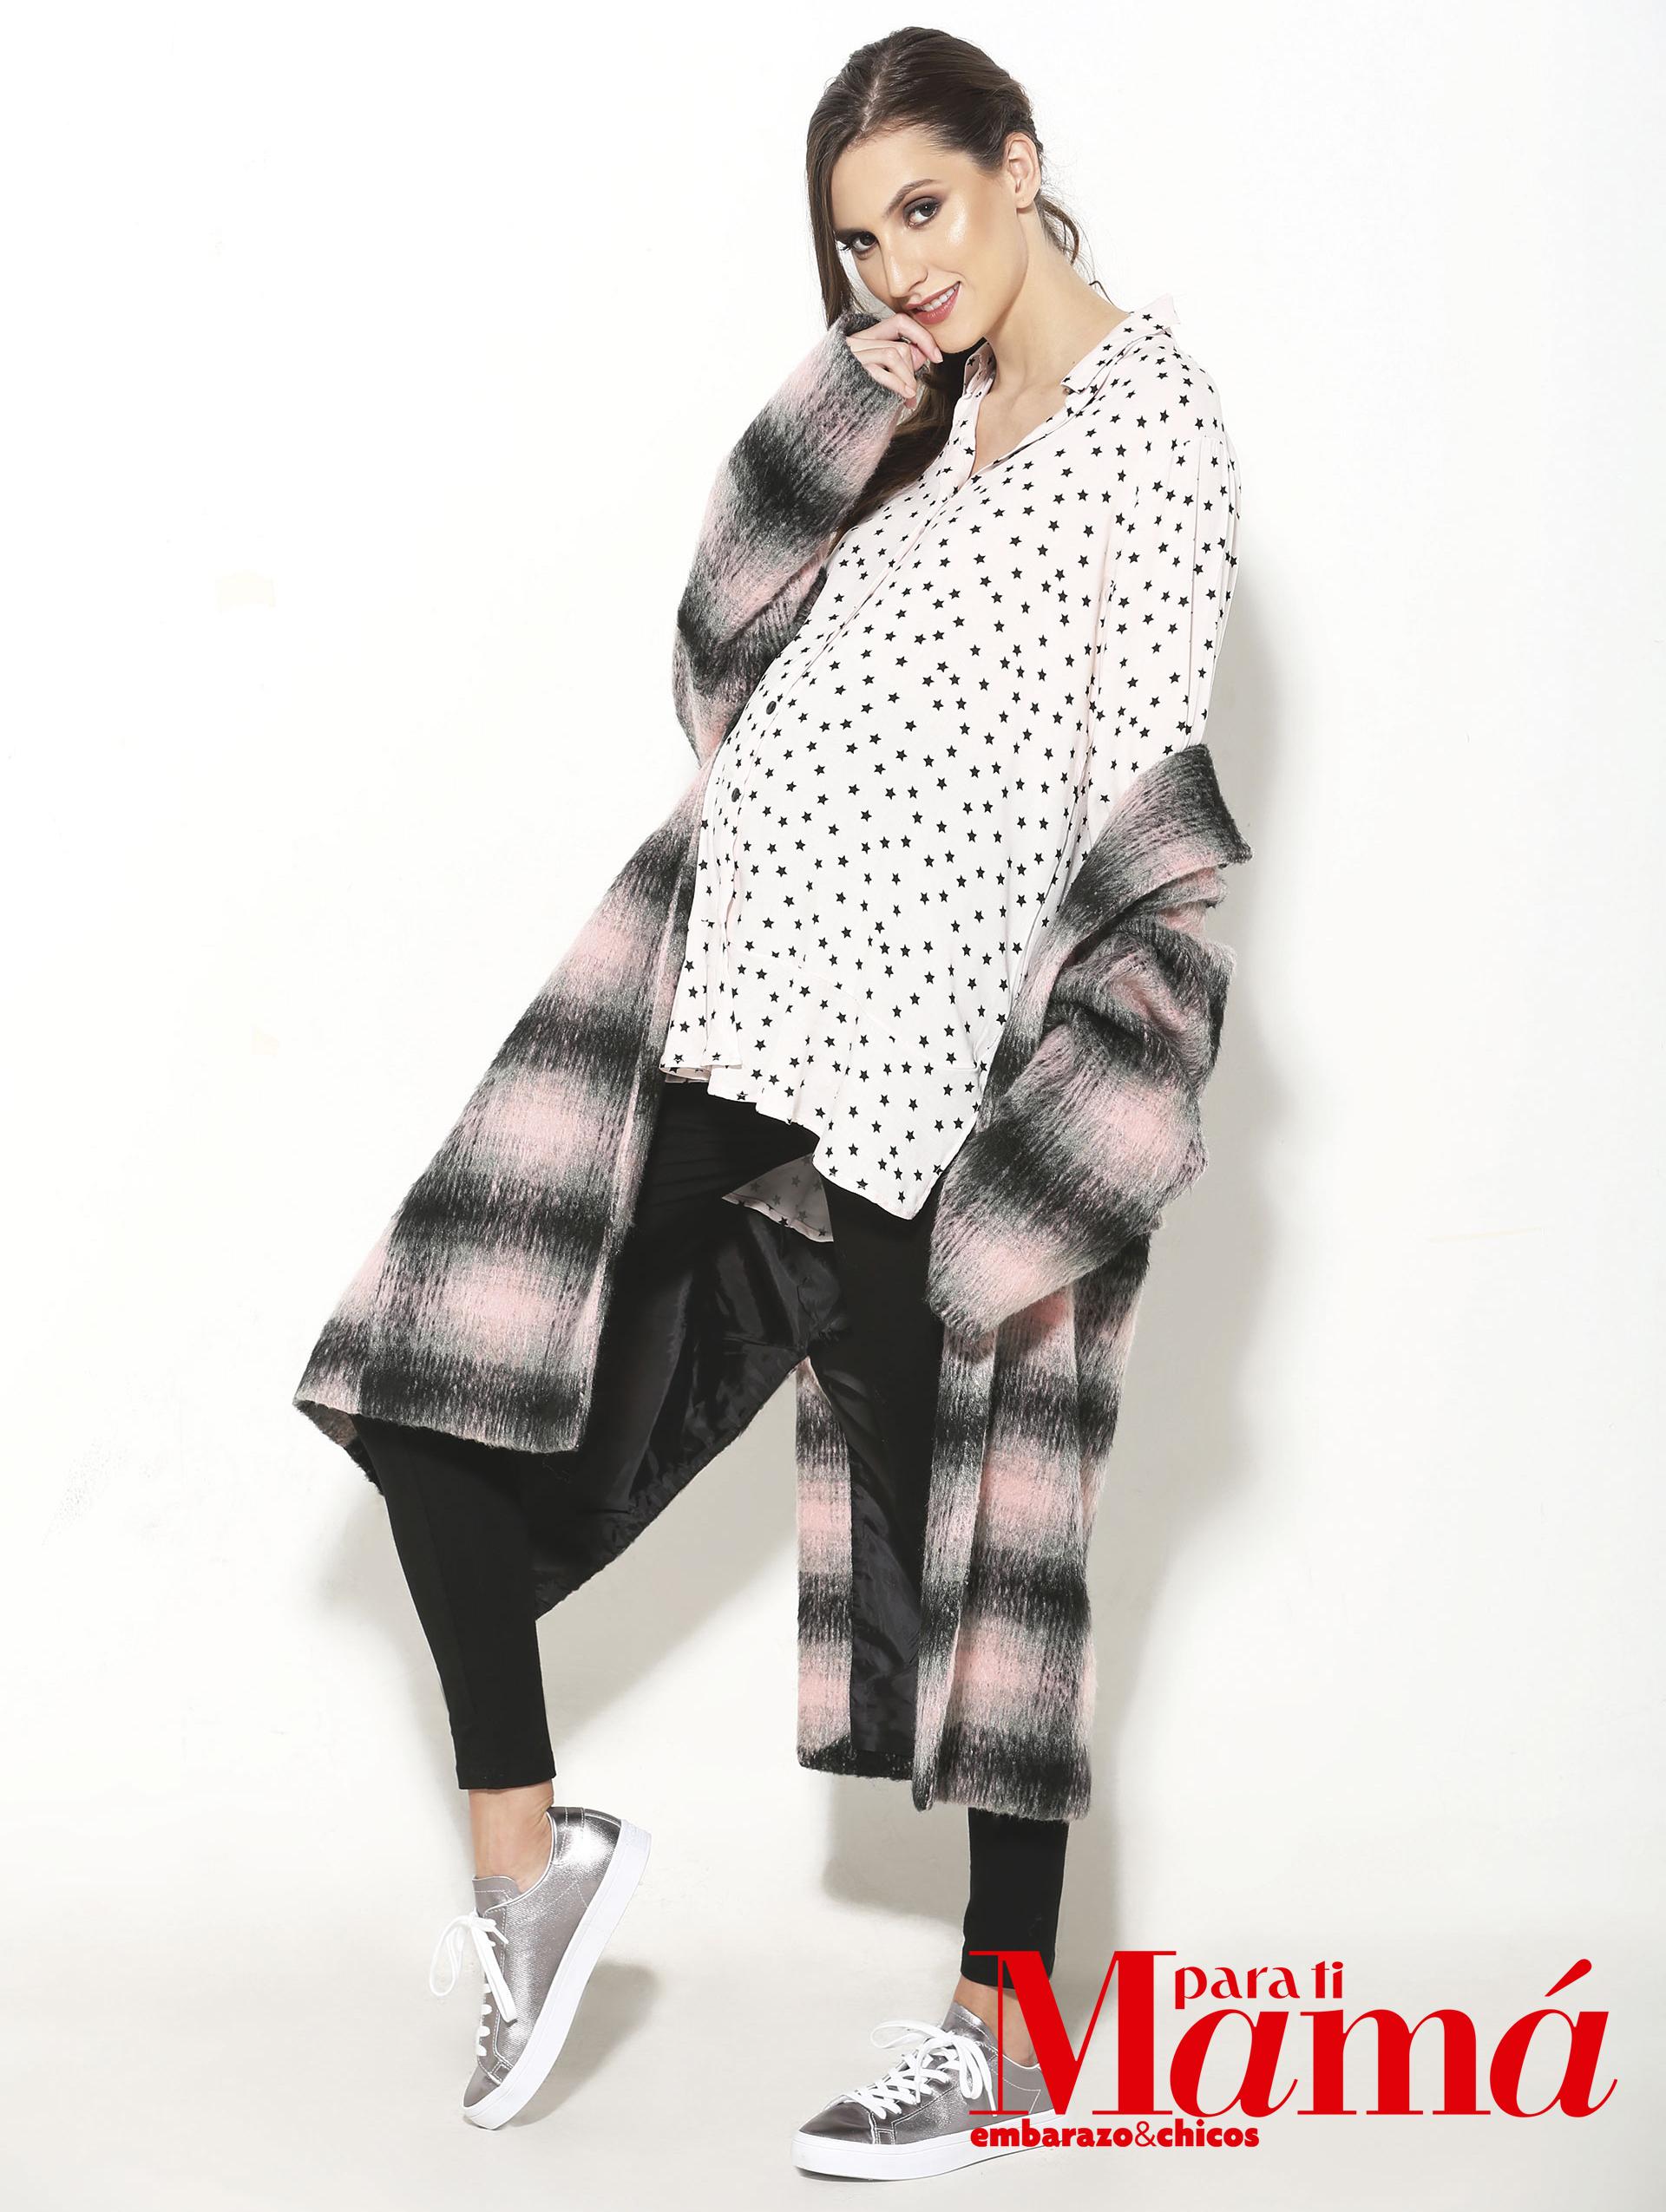 Tapado escocés en negro y rosa ($4.200), IndiaStyle; camisaestampada y calzas($1.590 y $1.550)Maa Maternity,y zapatillas,(Consultar precio)Adidas.